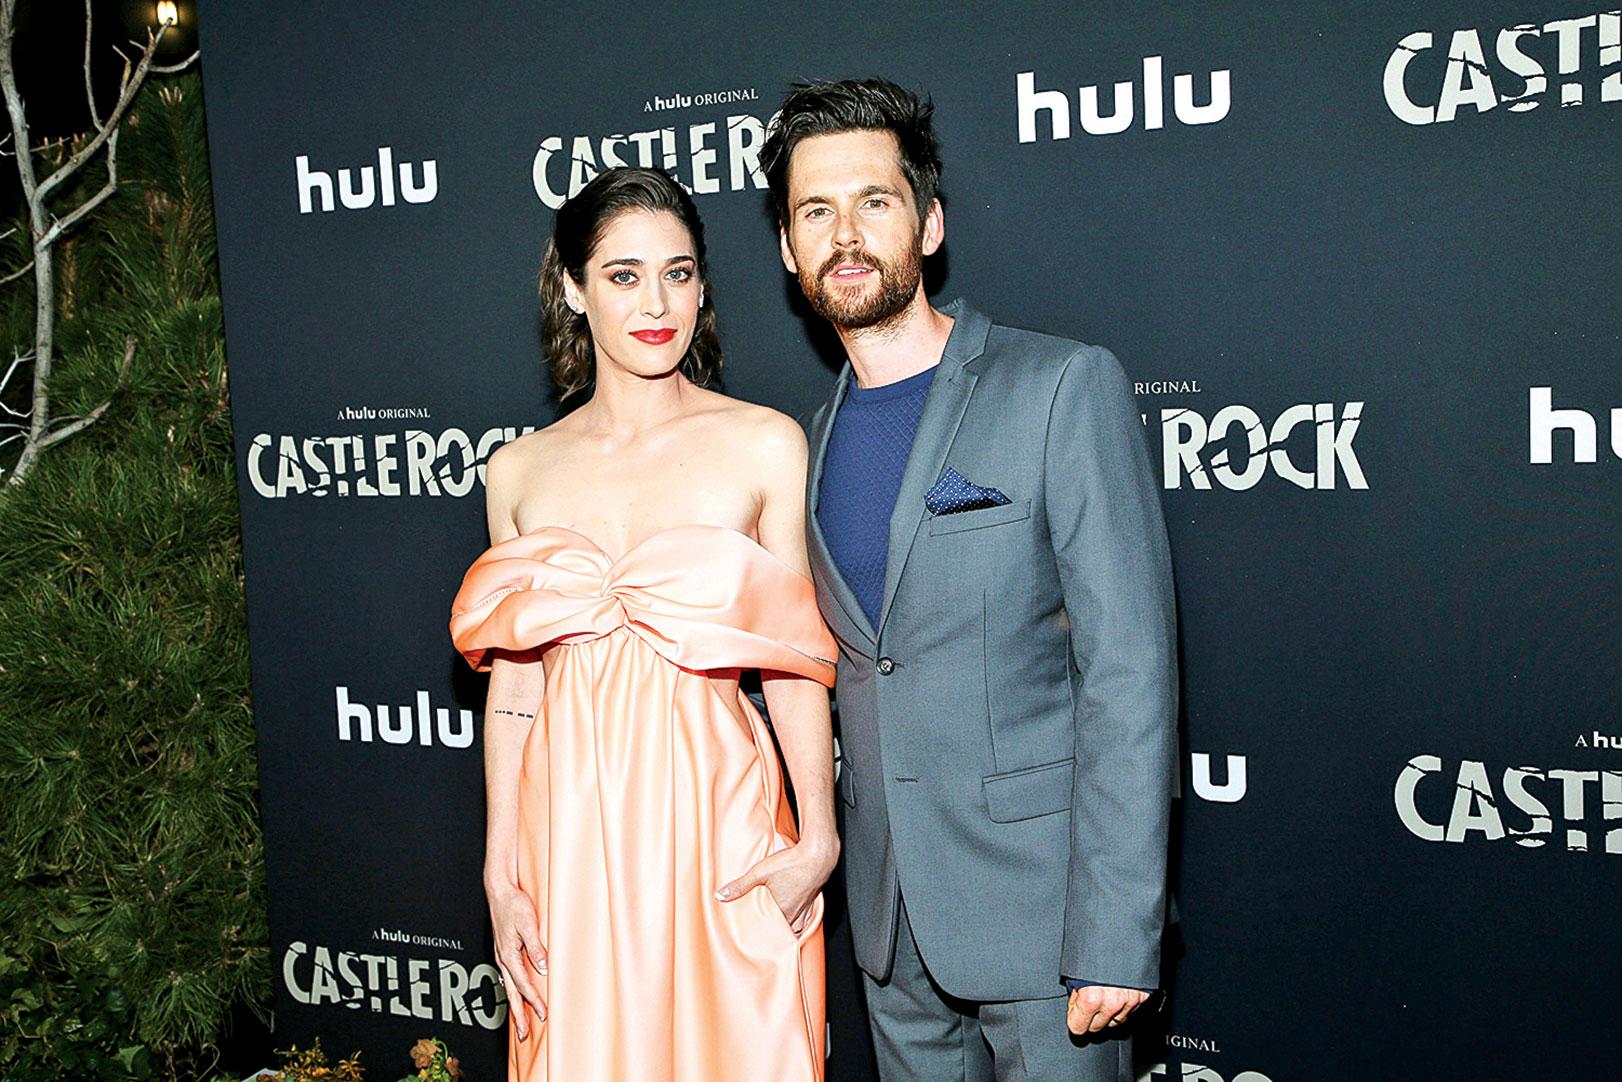 原創劇集是各家平台目前重點的競爭領域,圖為Hulu新劇舉行開播活動。(Getty Images)